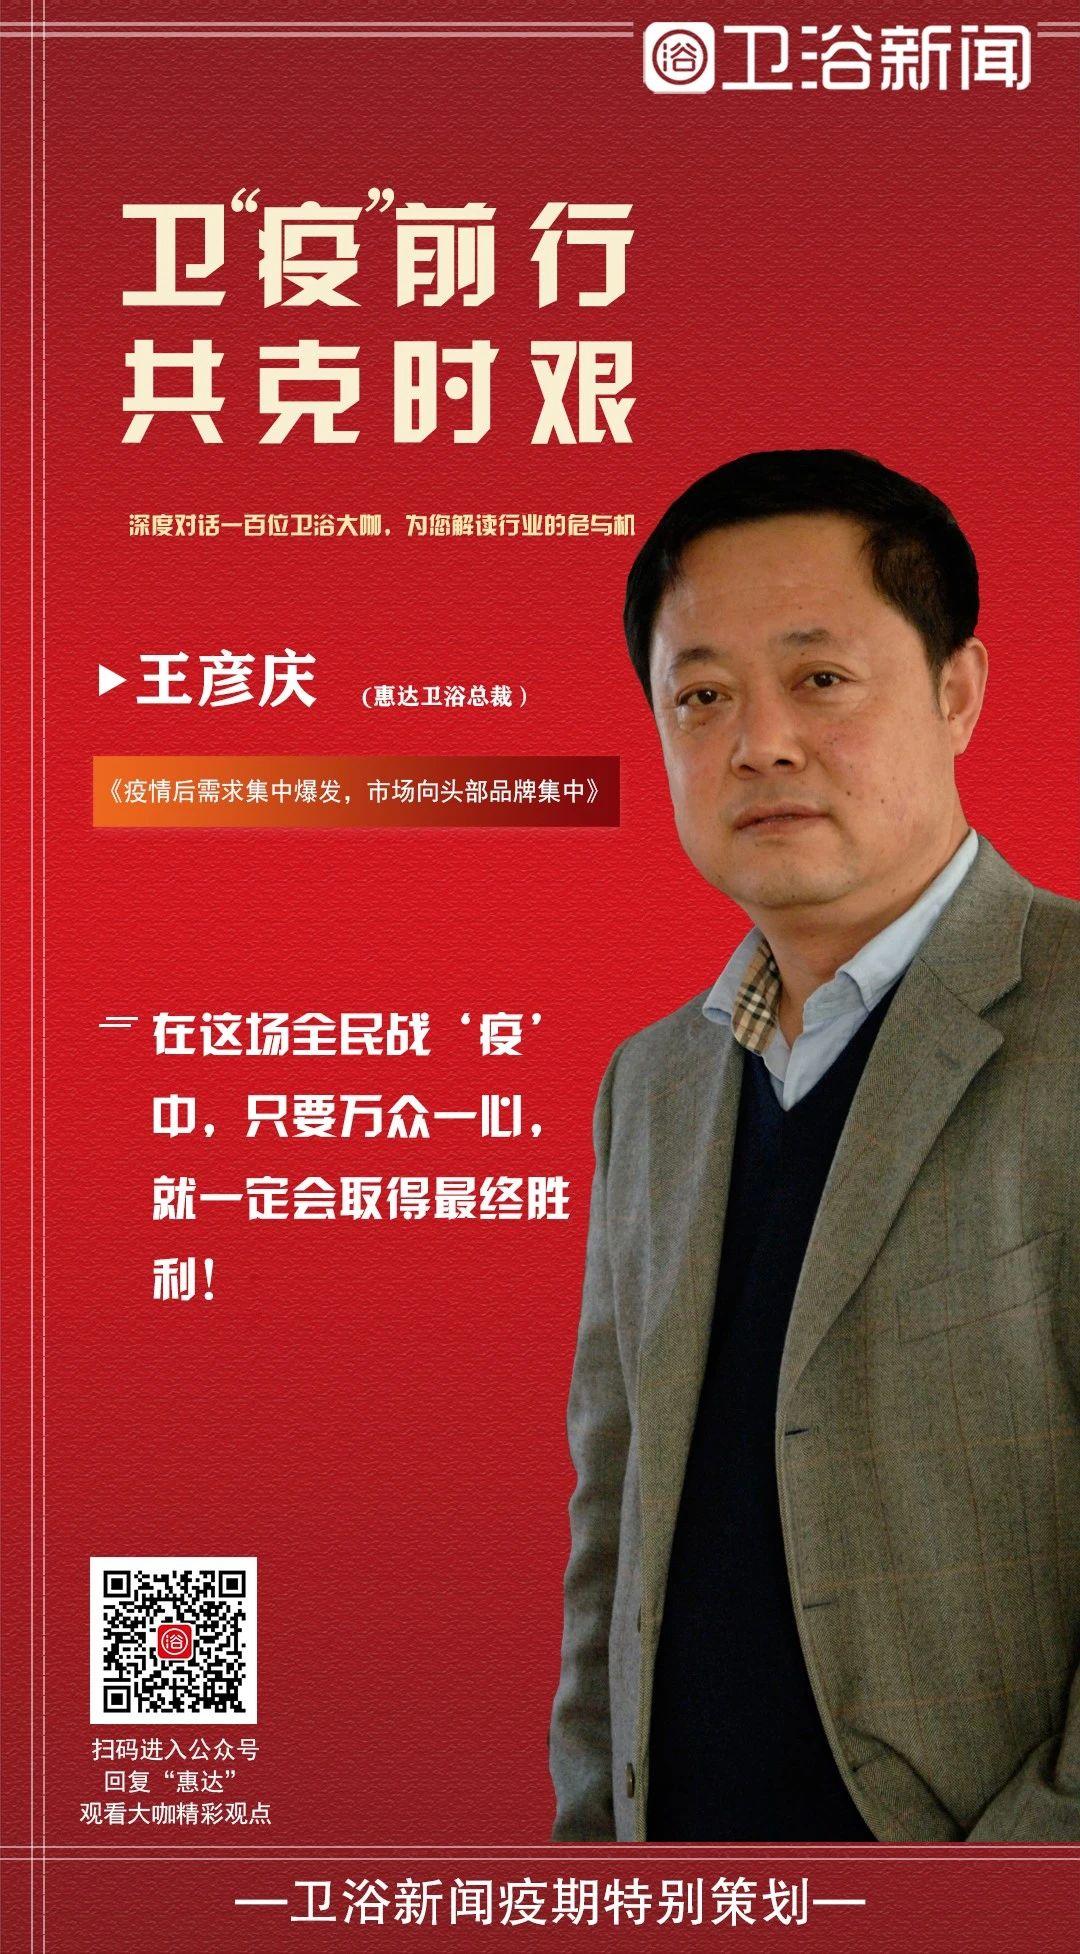 惠達王彥慶:疫情后需求集中爆發,市場向頭部品牌集中